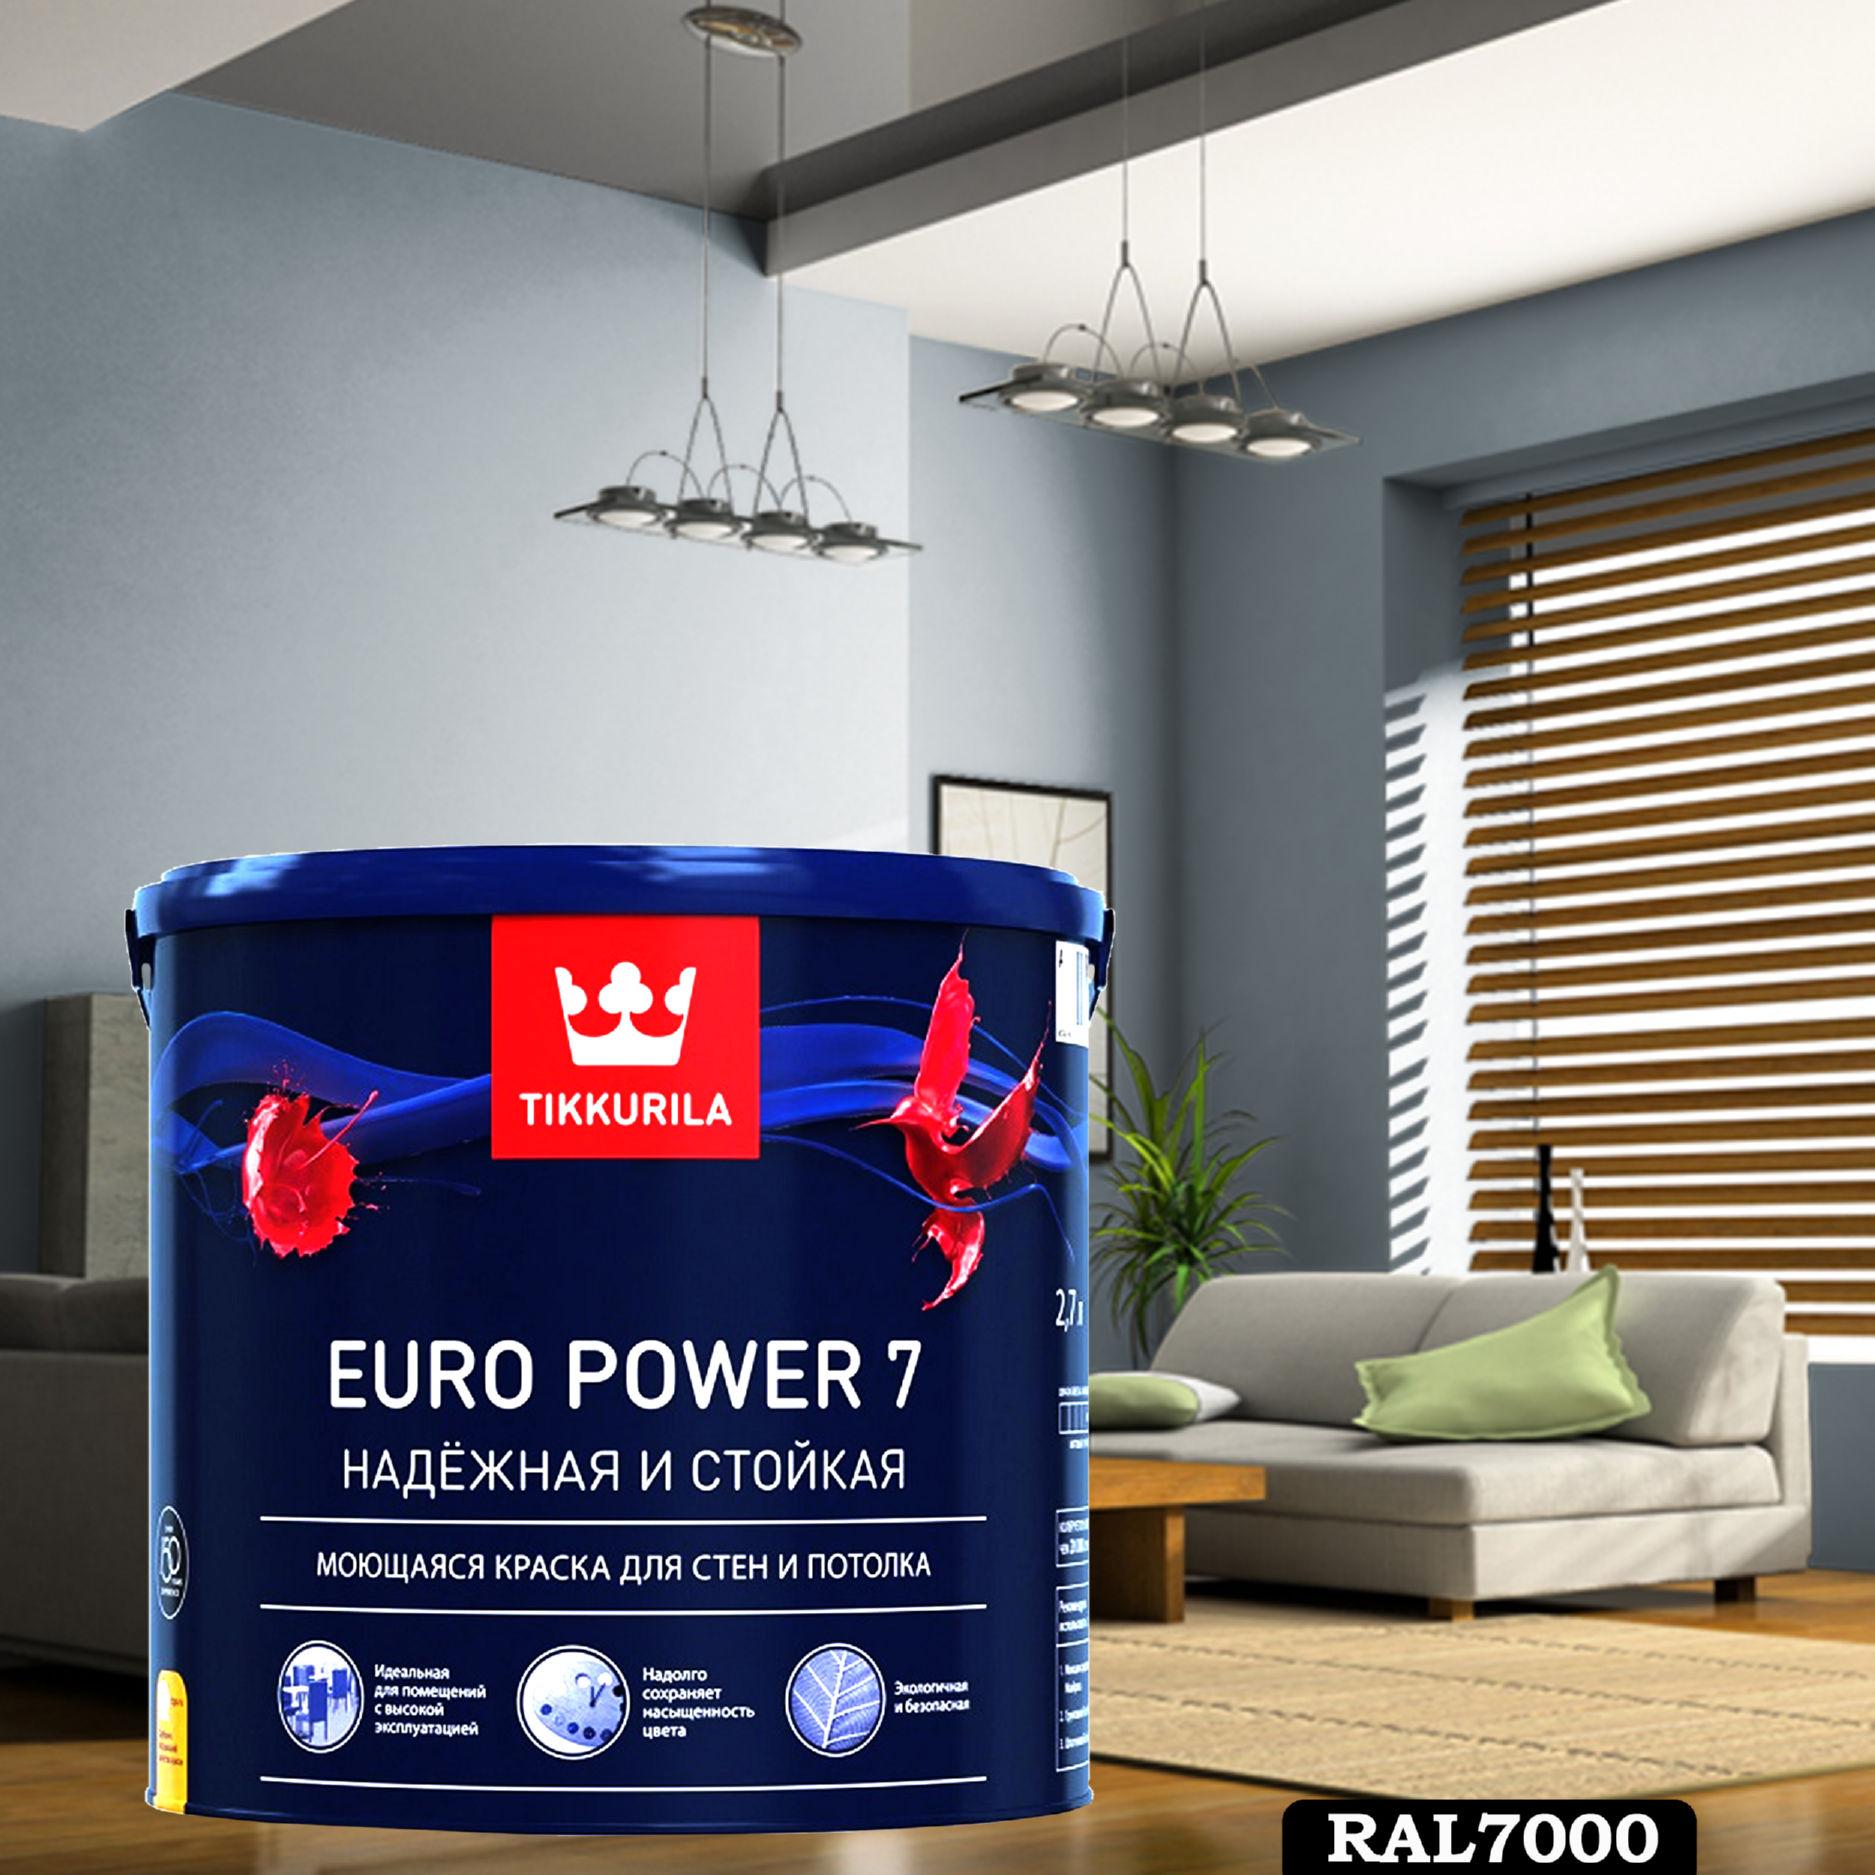 Фото 1 - Краска TIKKURILA Euro Power 7,  RAL 7000 Серая-белка, латексная моющаяся матовая интерьерная, 9 л.